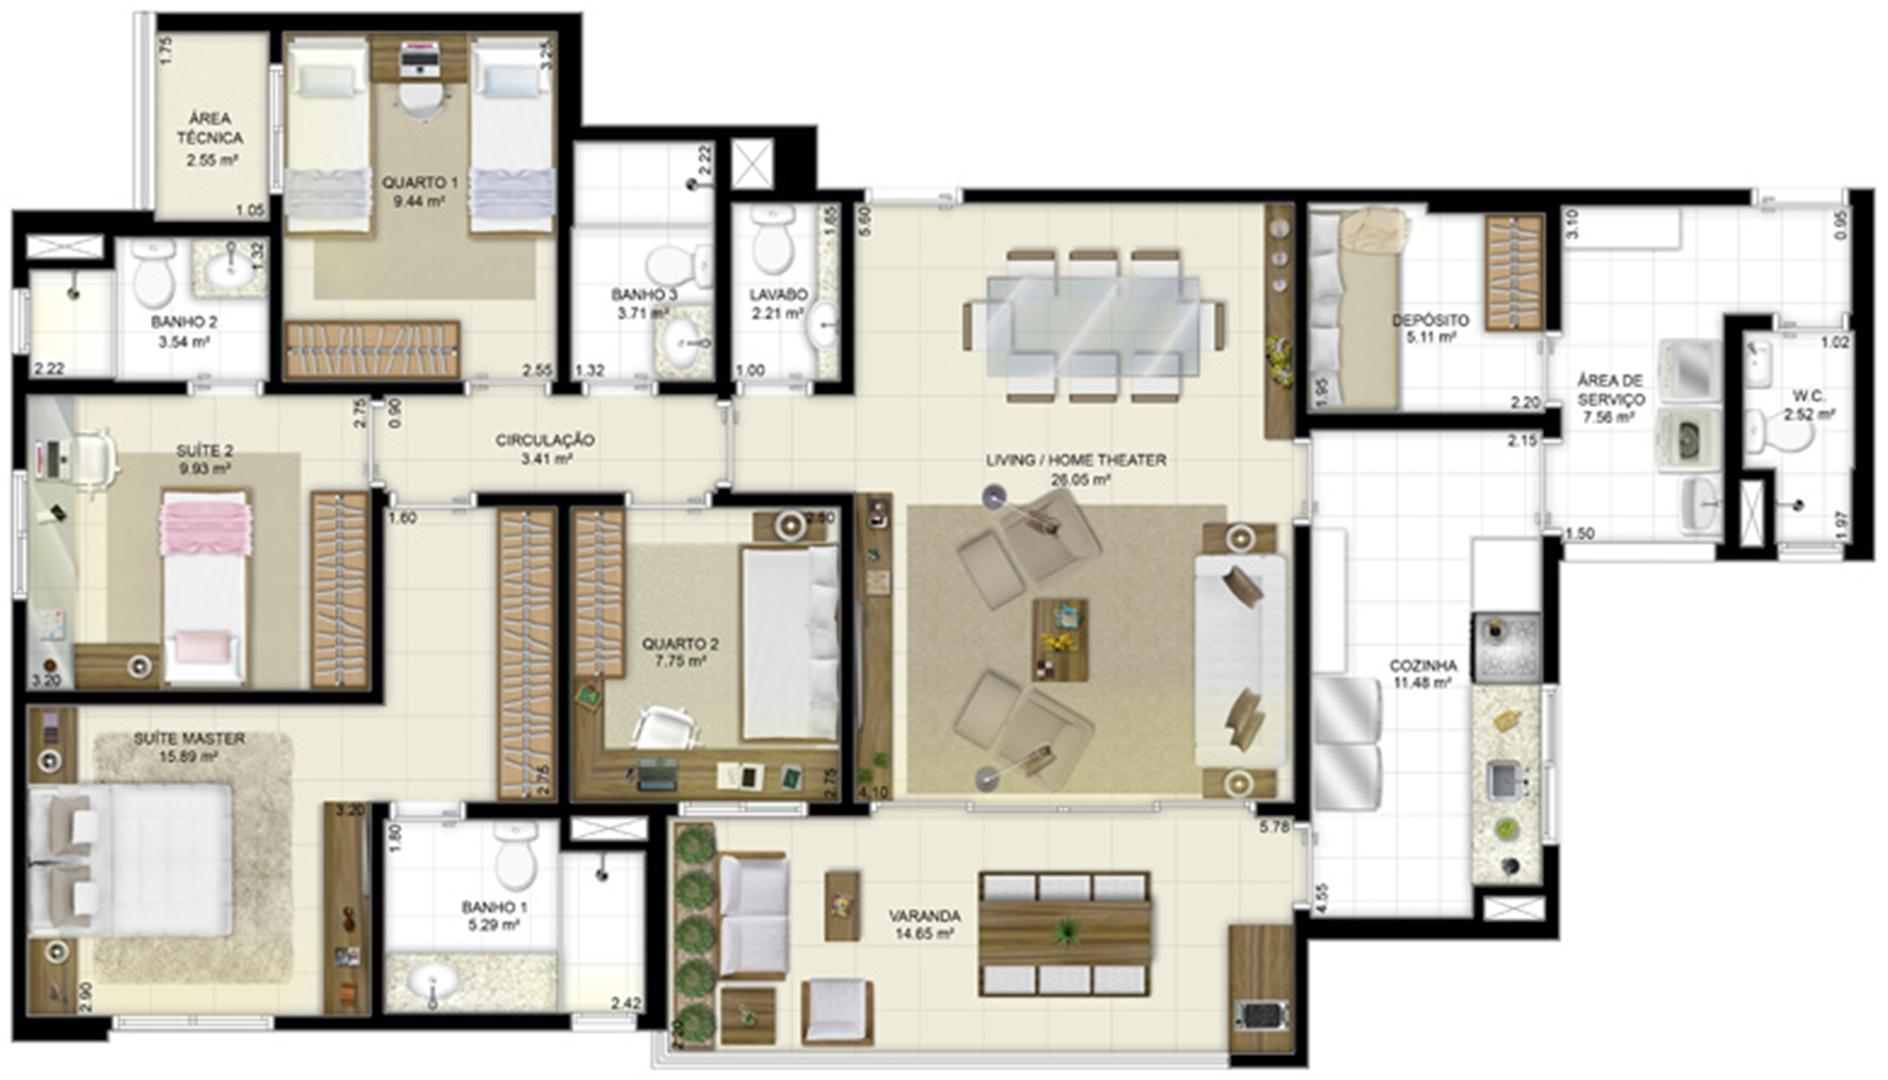 Planta - Tipo - 4 quartos (2 suítes) - 131 m² | Jardim de Vêneto – Apartamento em  Altos do Calhau - São Luís - Maranhão